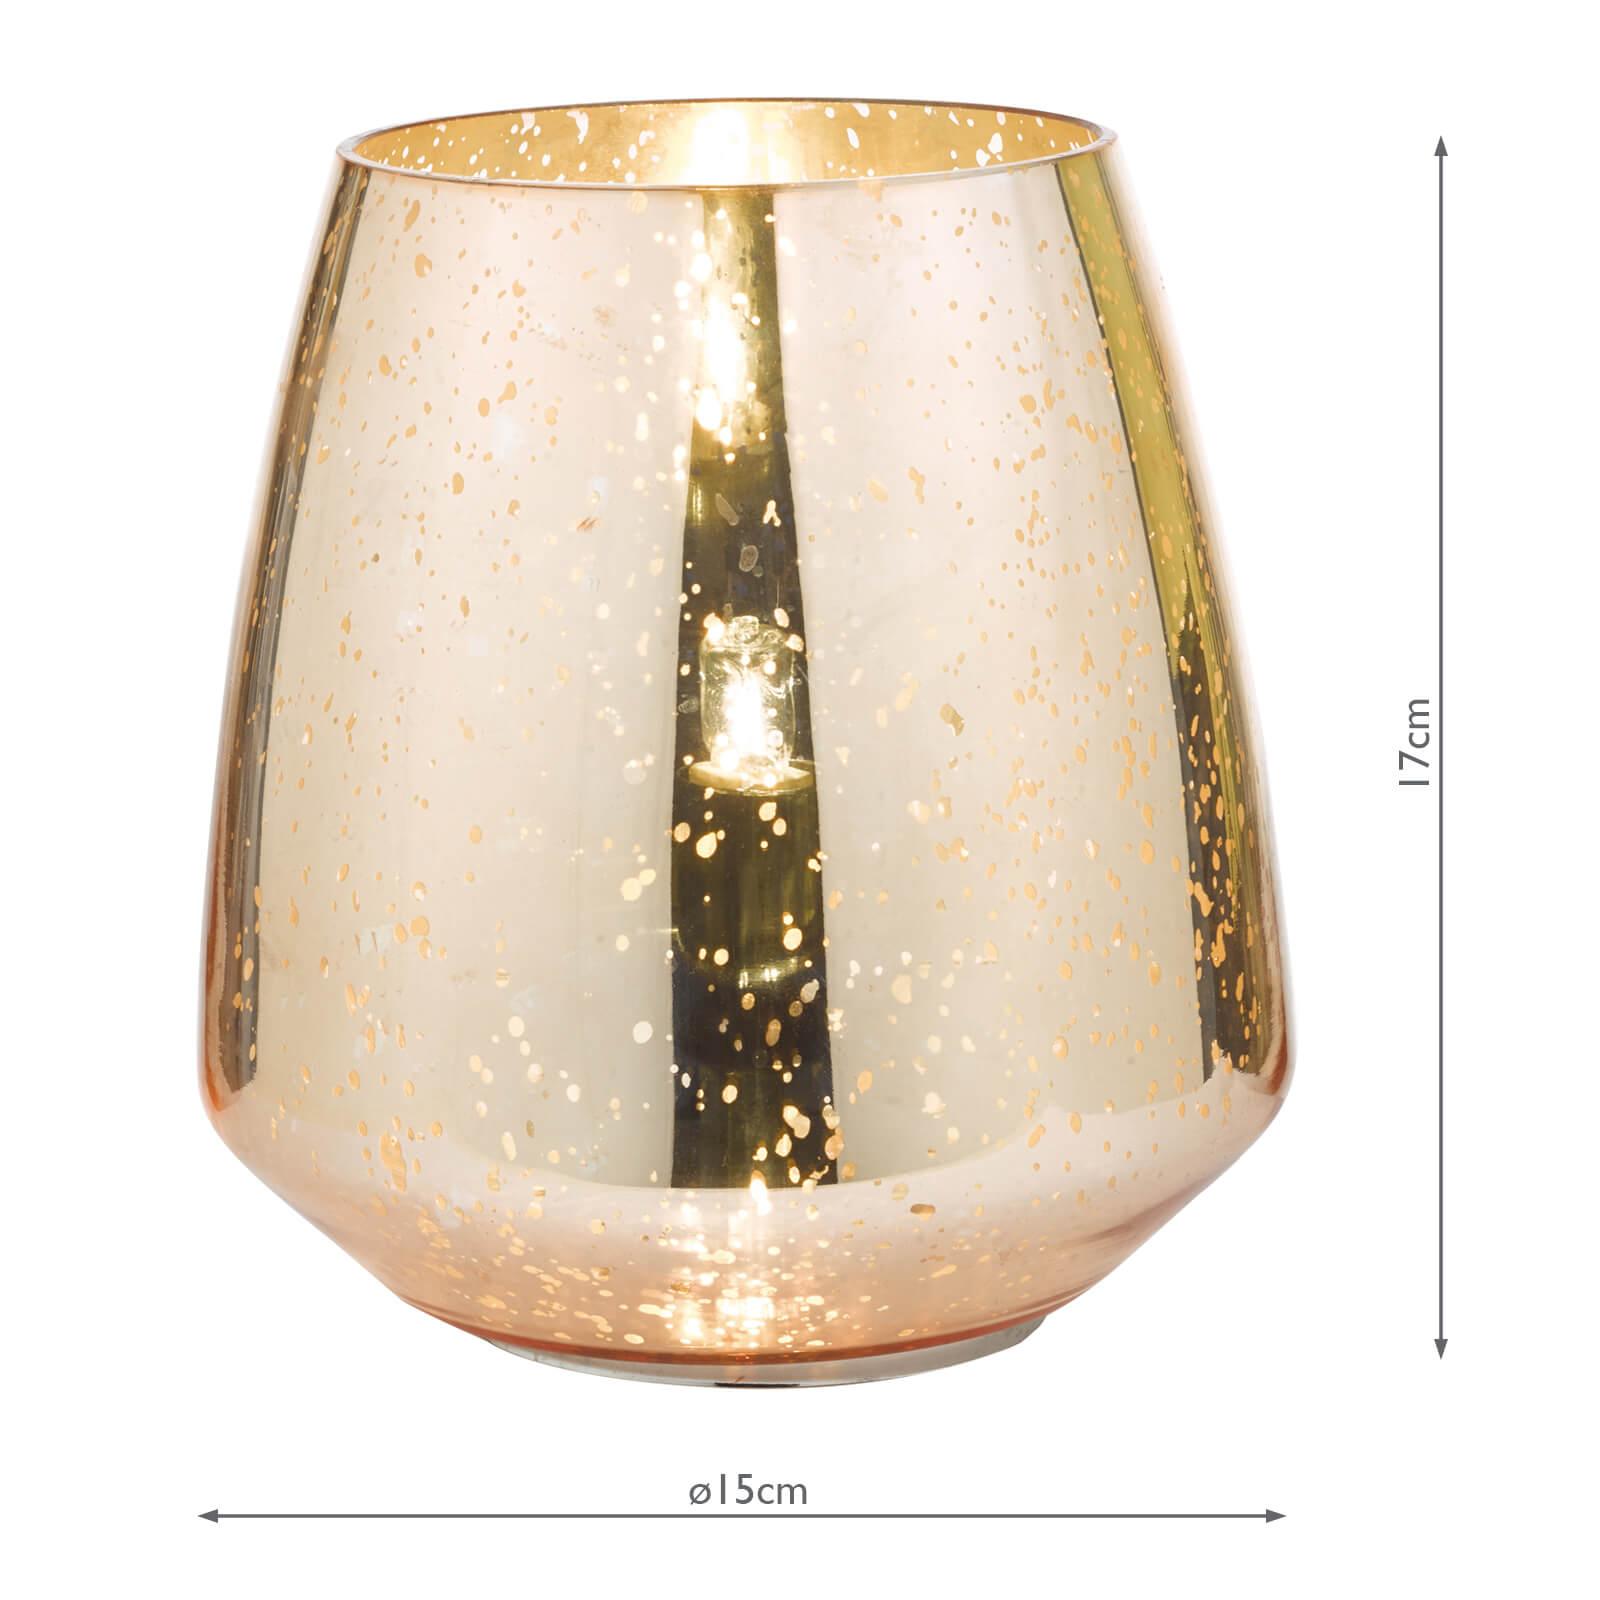 Neno Table Lamp Antique Copper Mirror